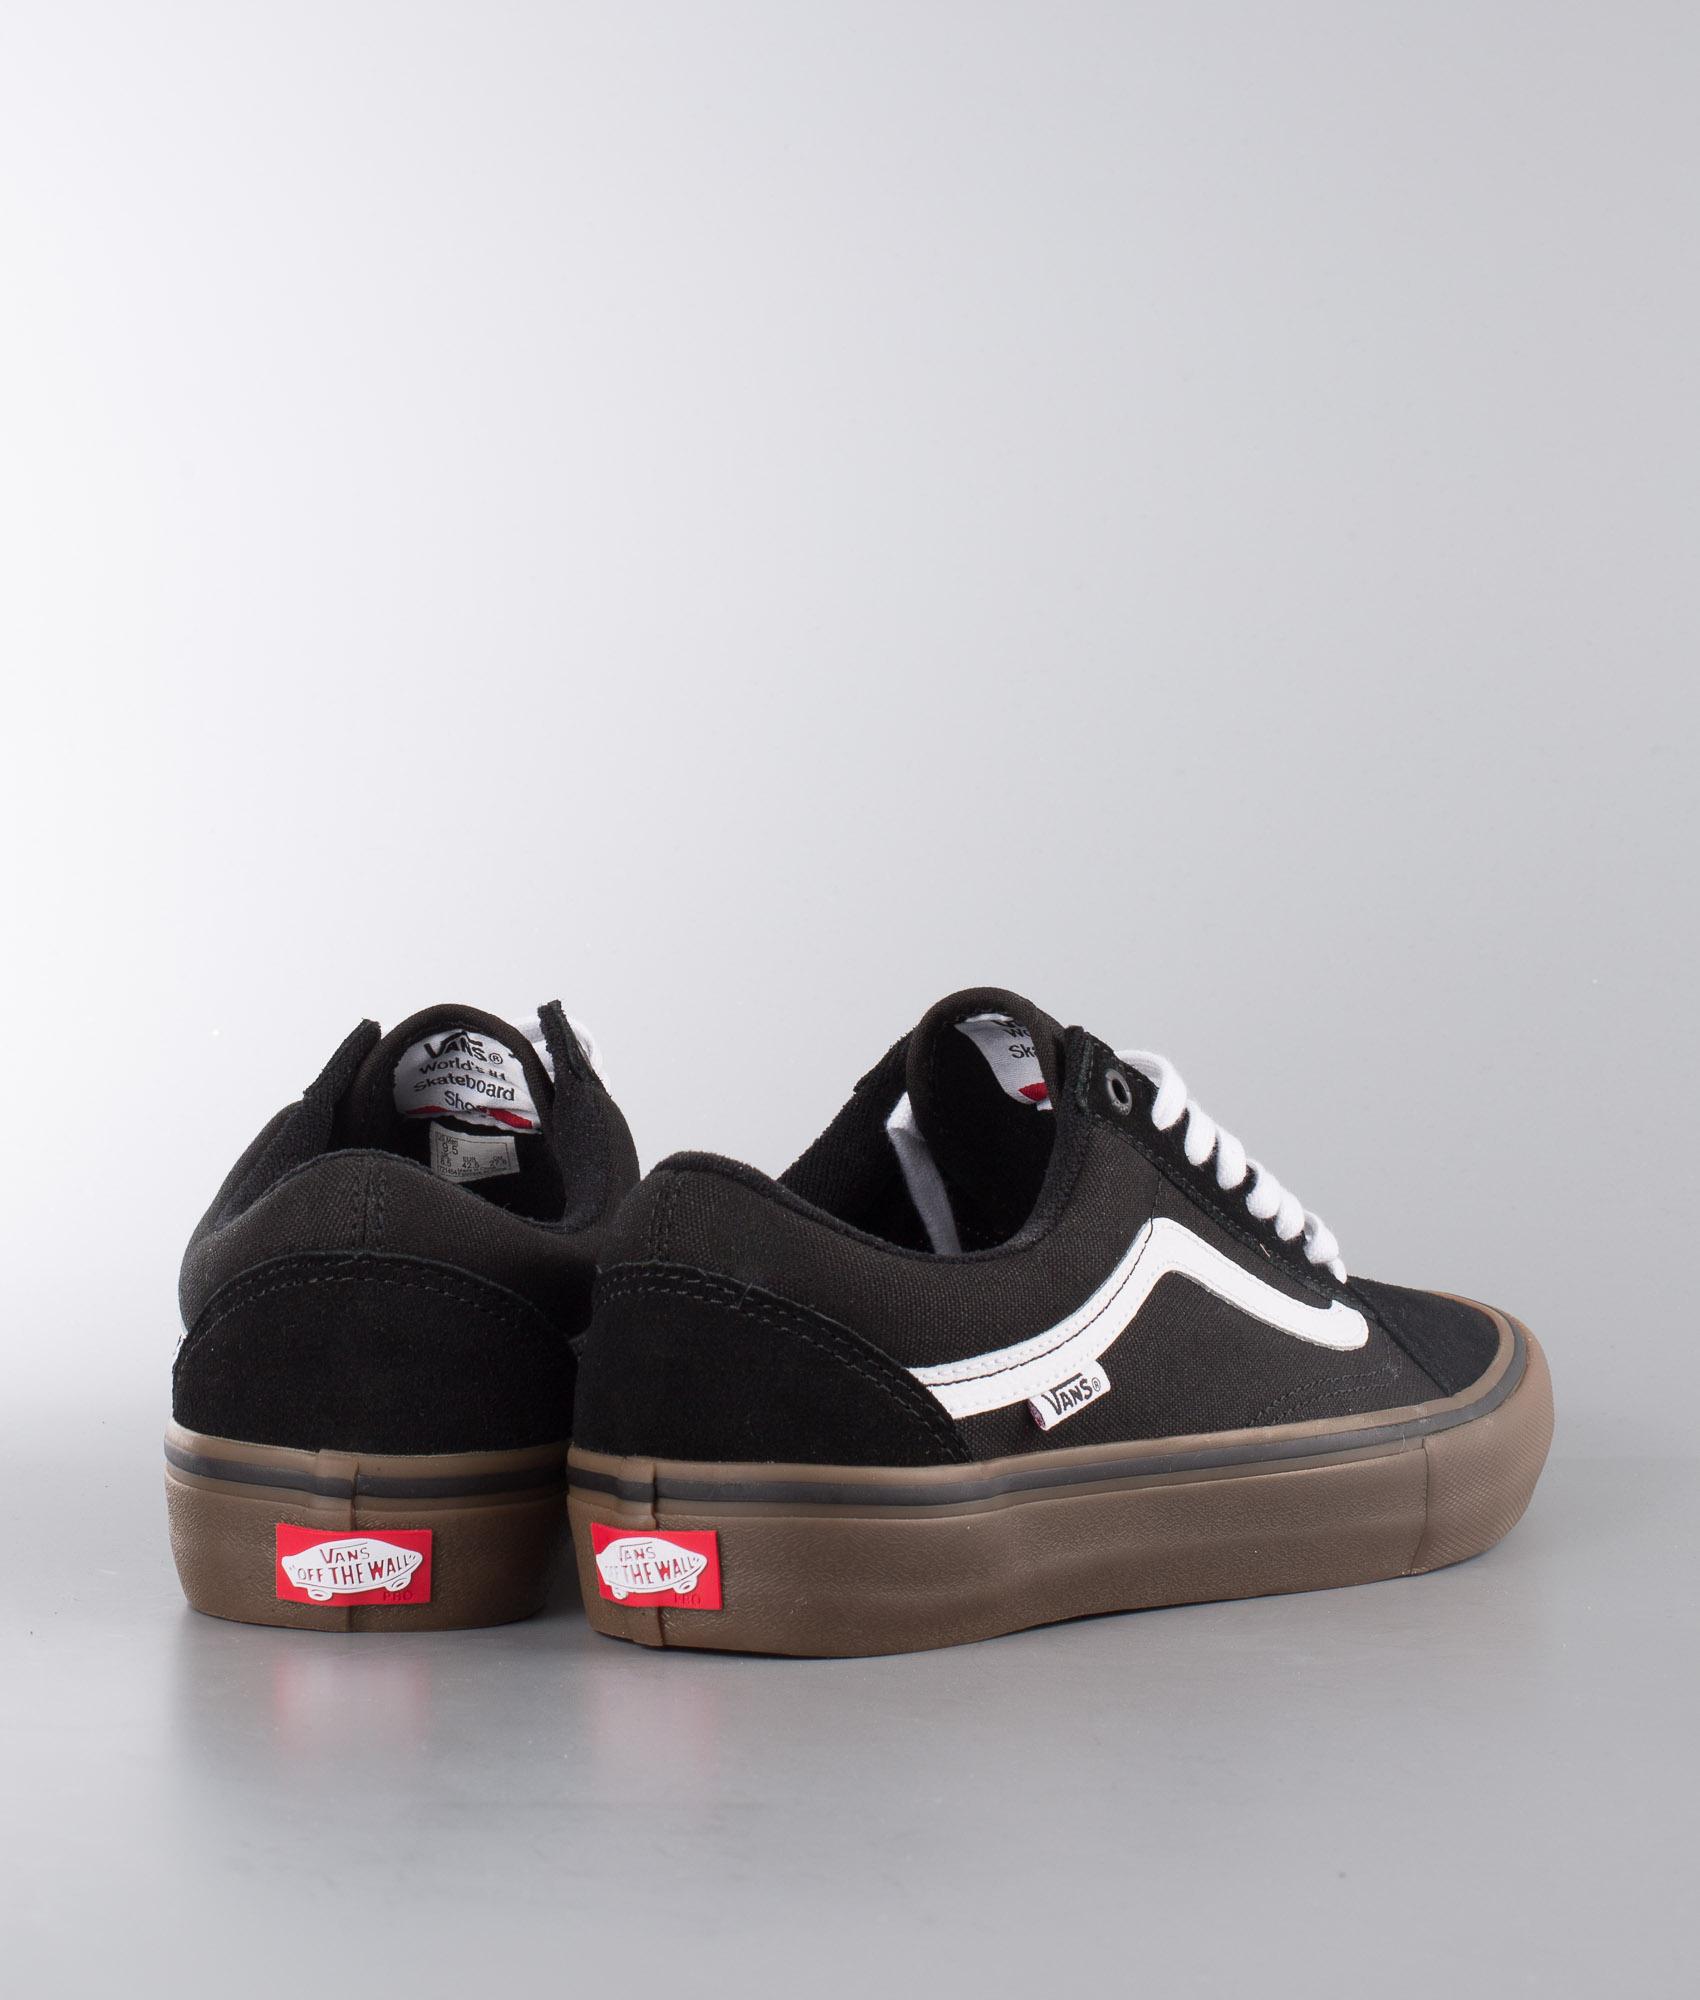 vans schoenen kwaliteit